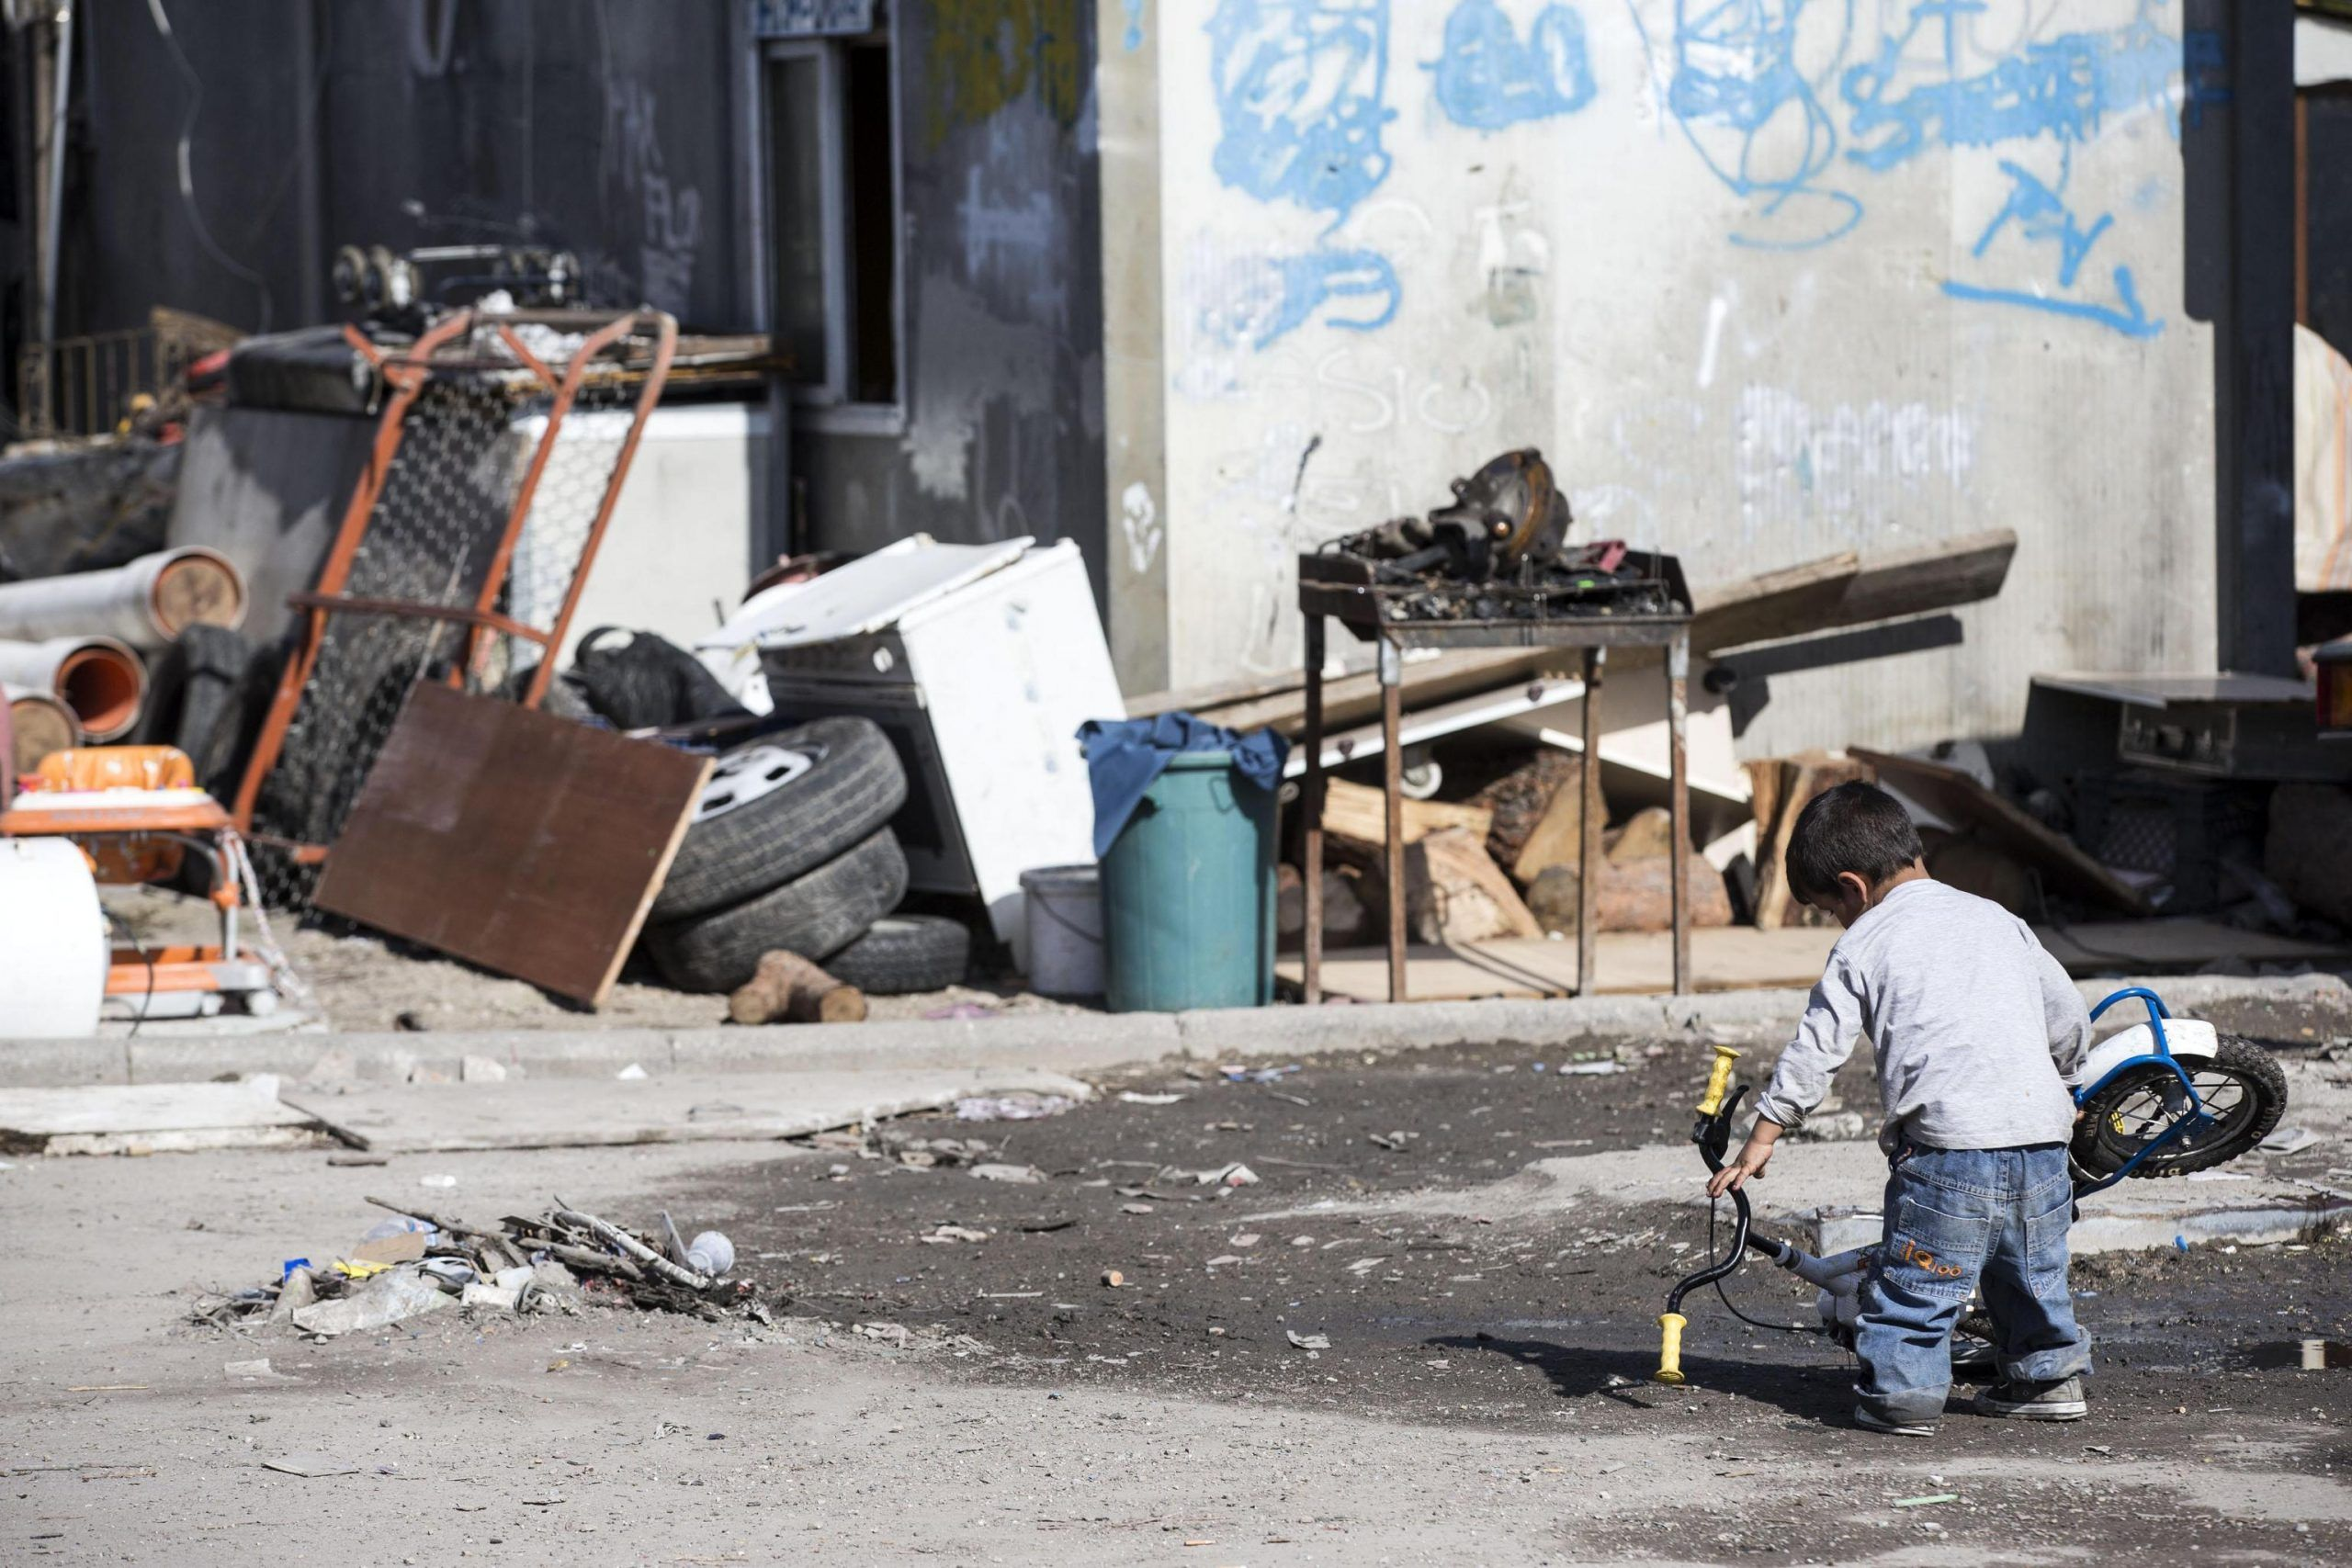 Rom di Roma: al via i rimpatri in Romania pagati dal Comune